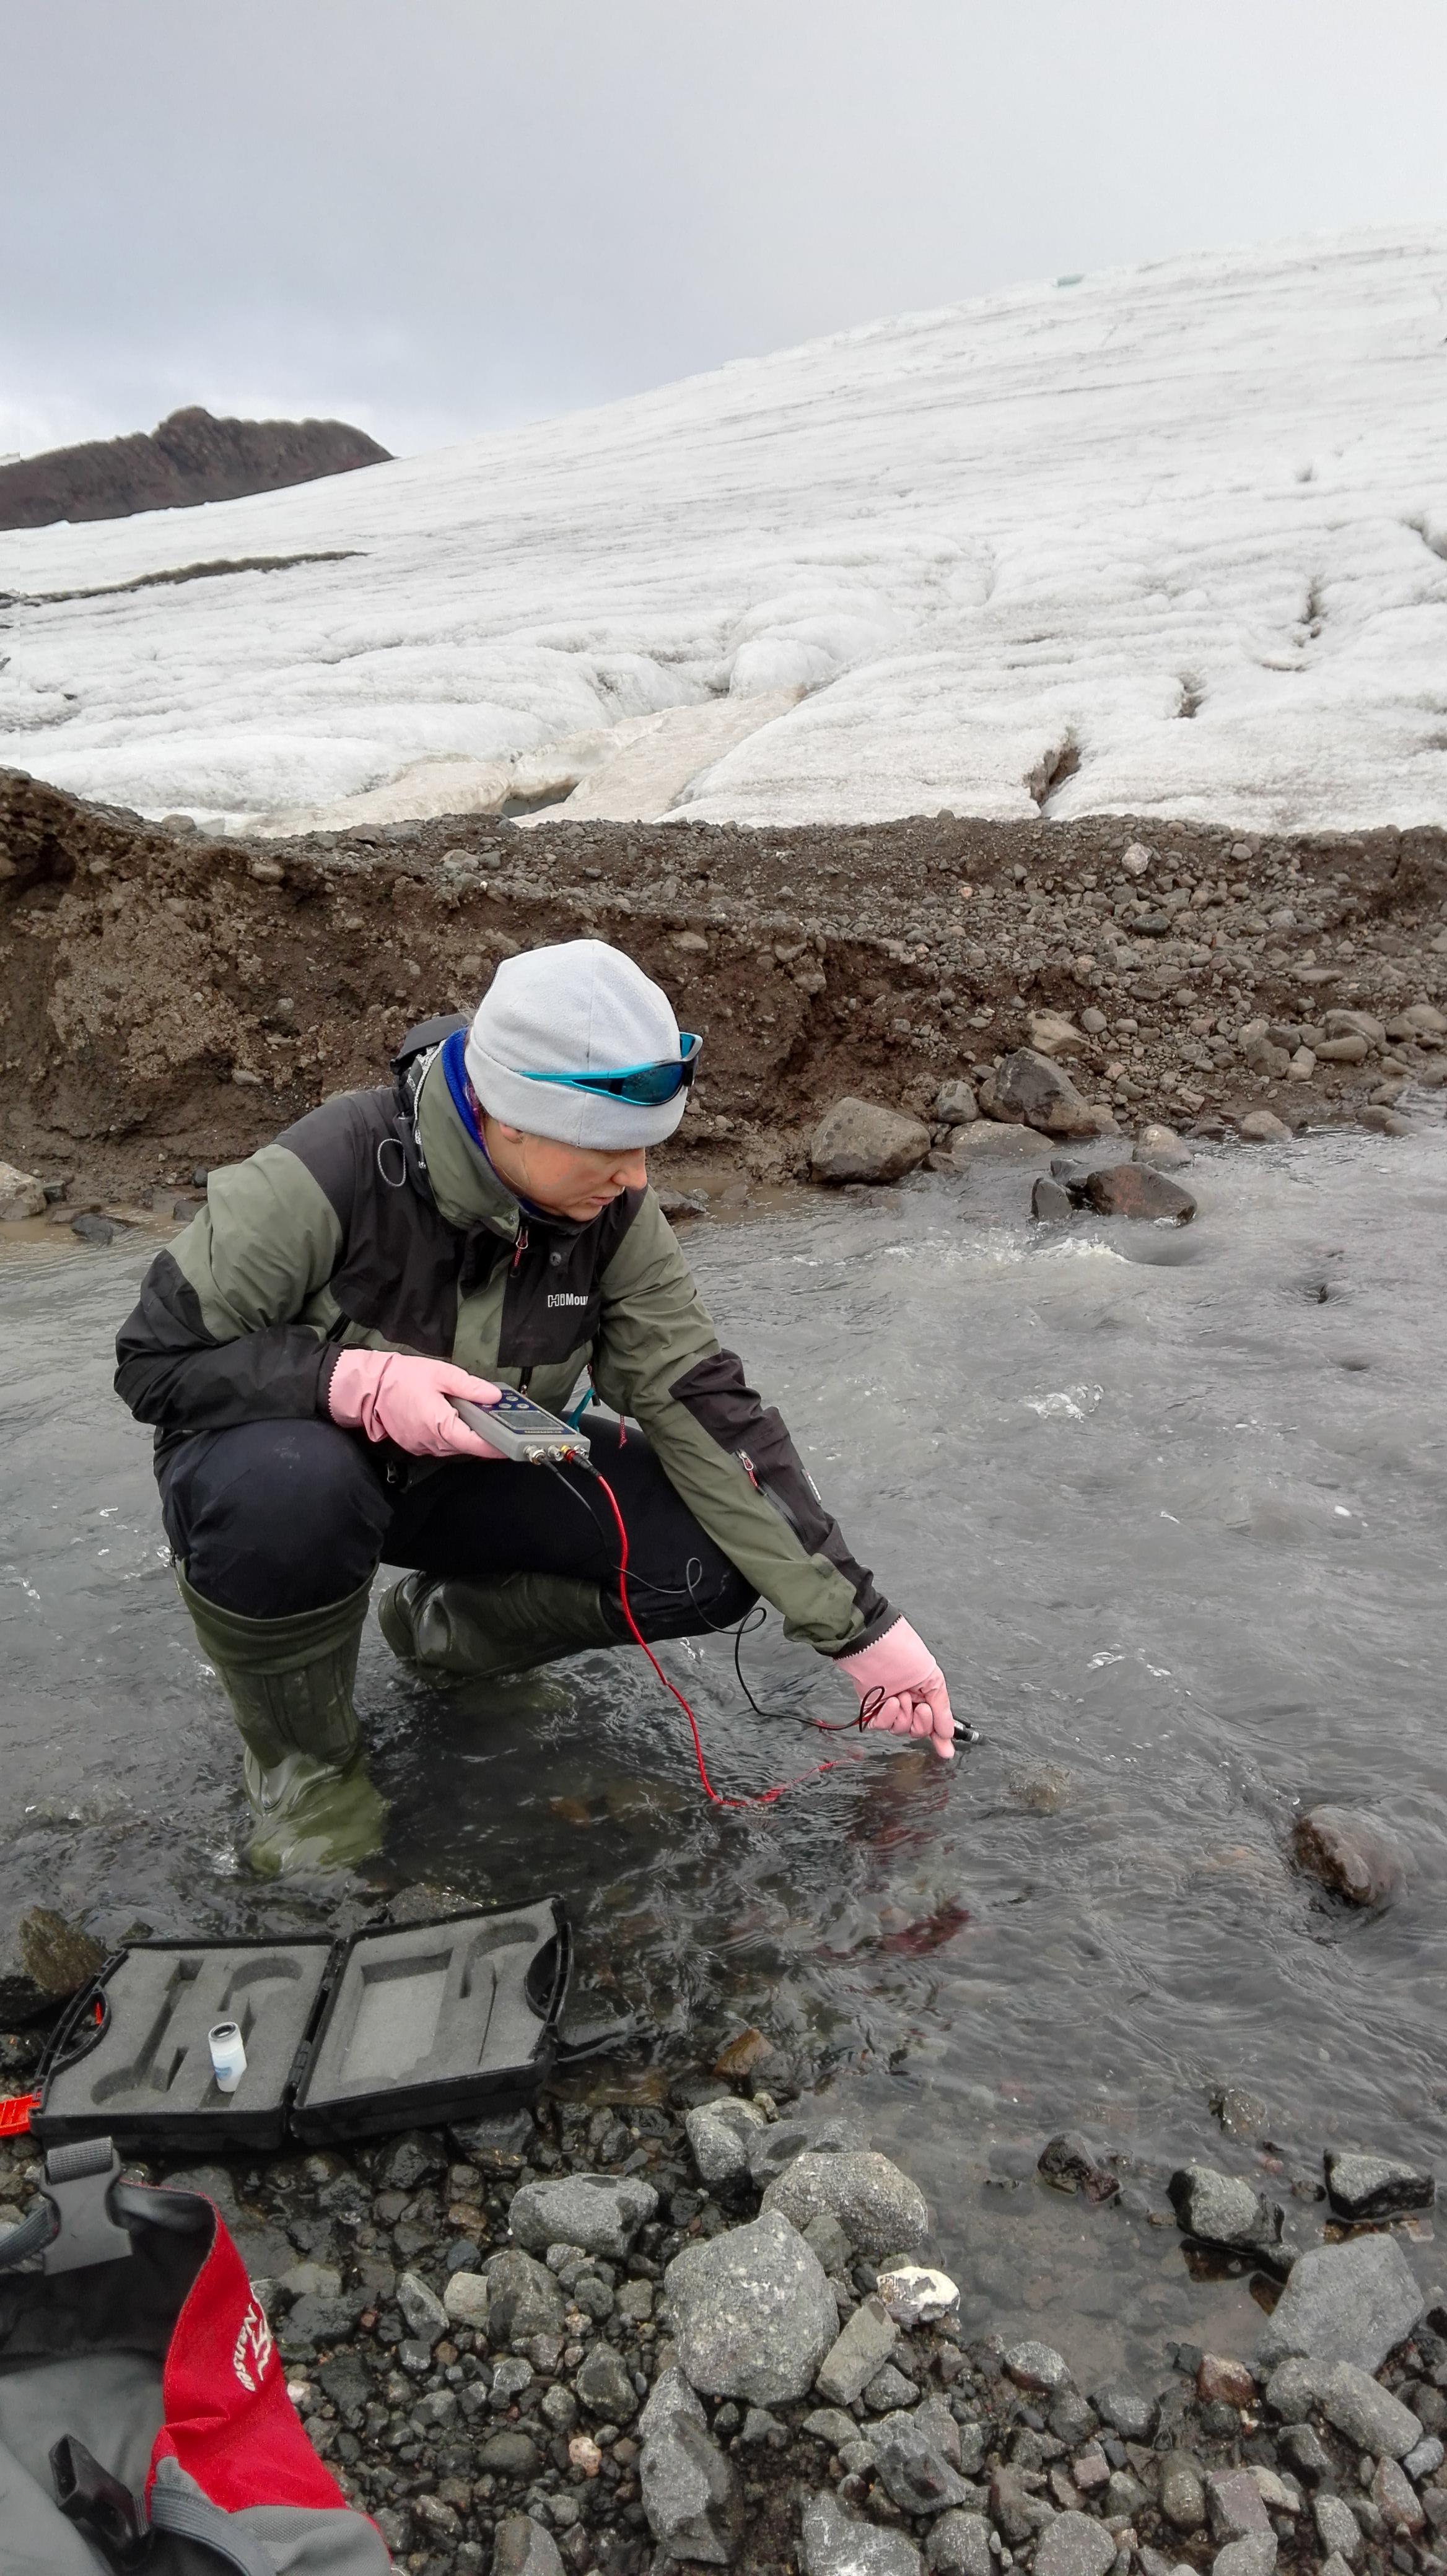 Pomiar przewodności elektrolitycznej wody w strumieniu przy Lodowcu Ekologii | Hydrological measurements